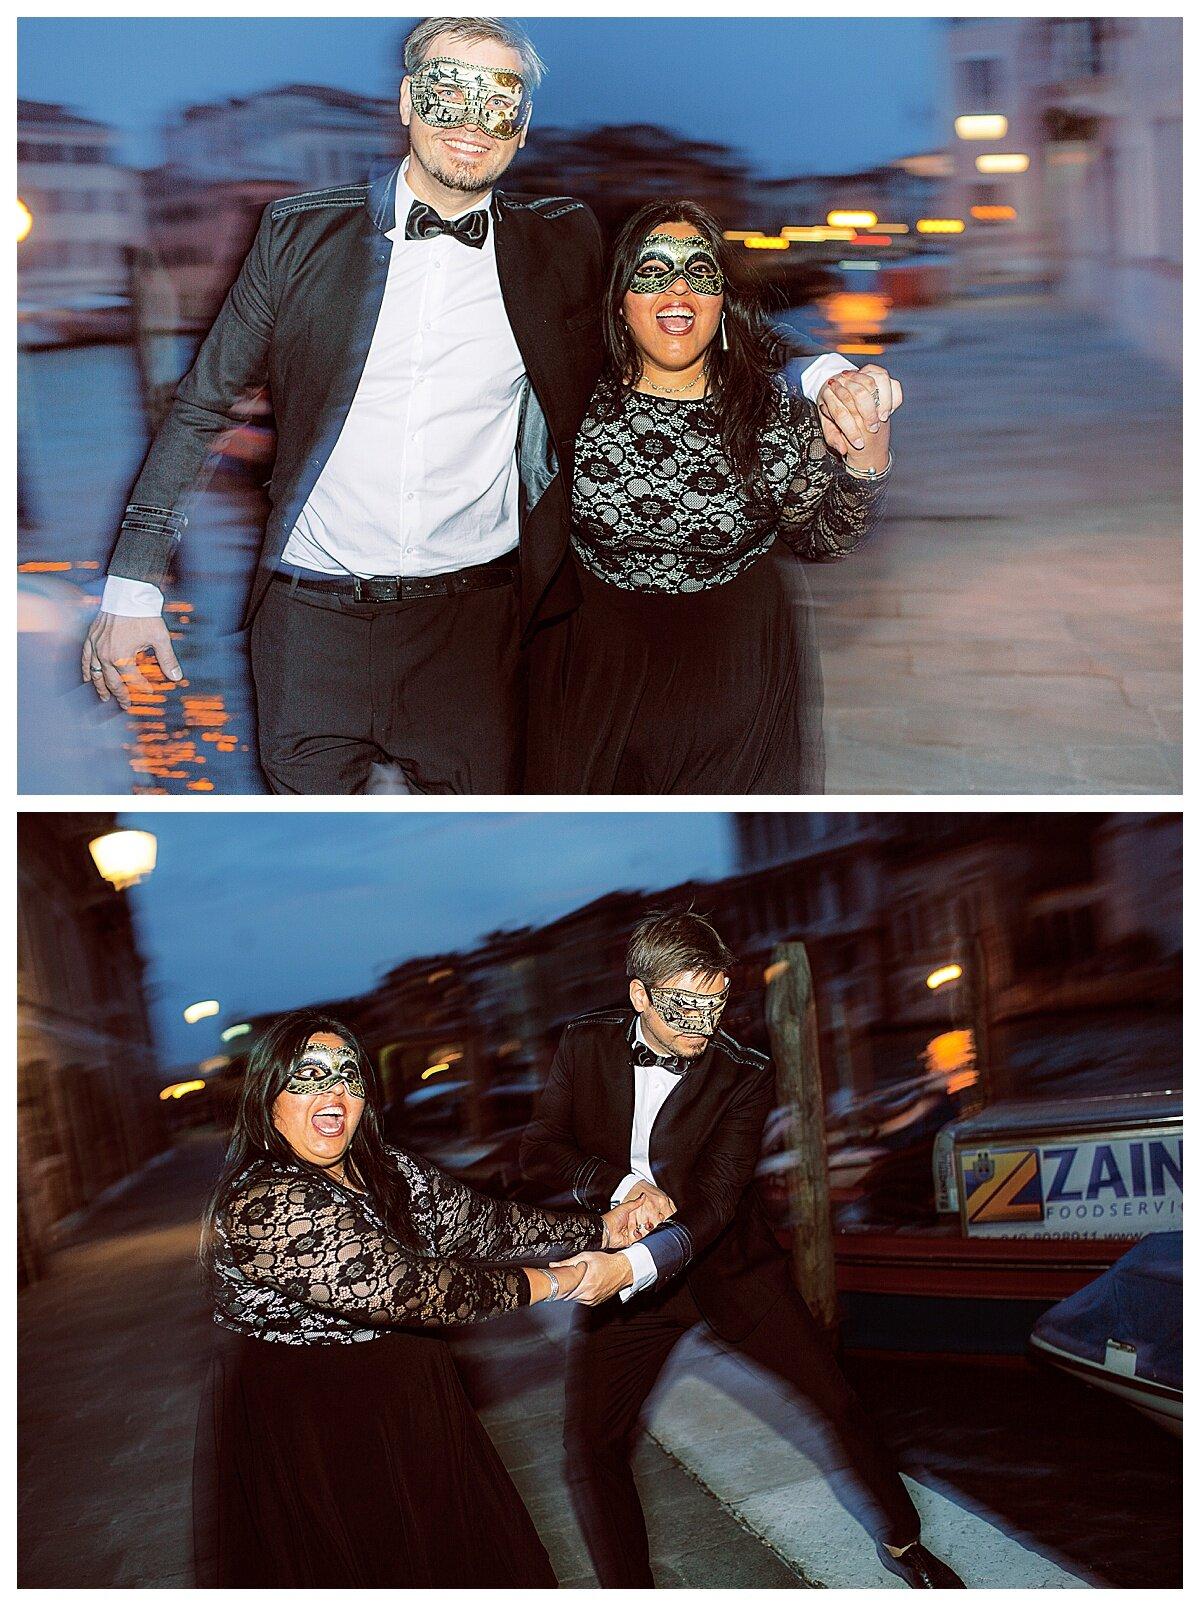 venice-photographer-stefano-degirmenci-couple-photowalk_1246.jpg